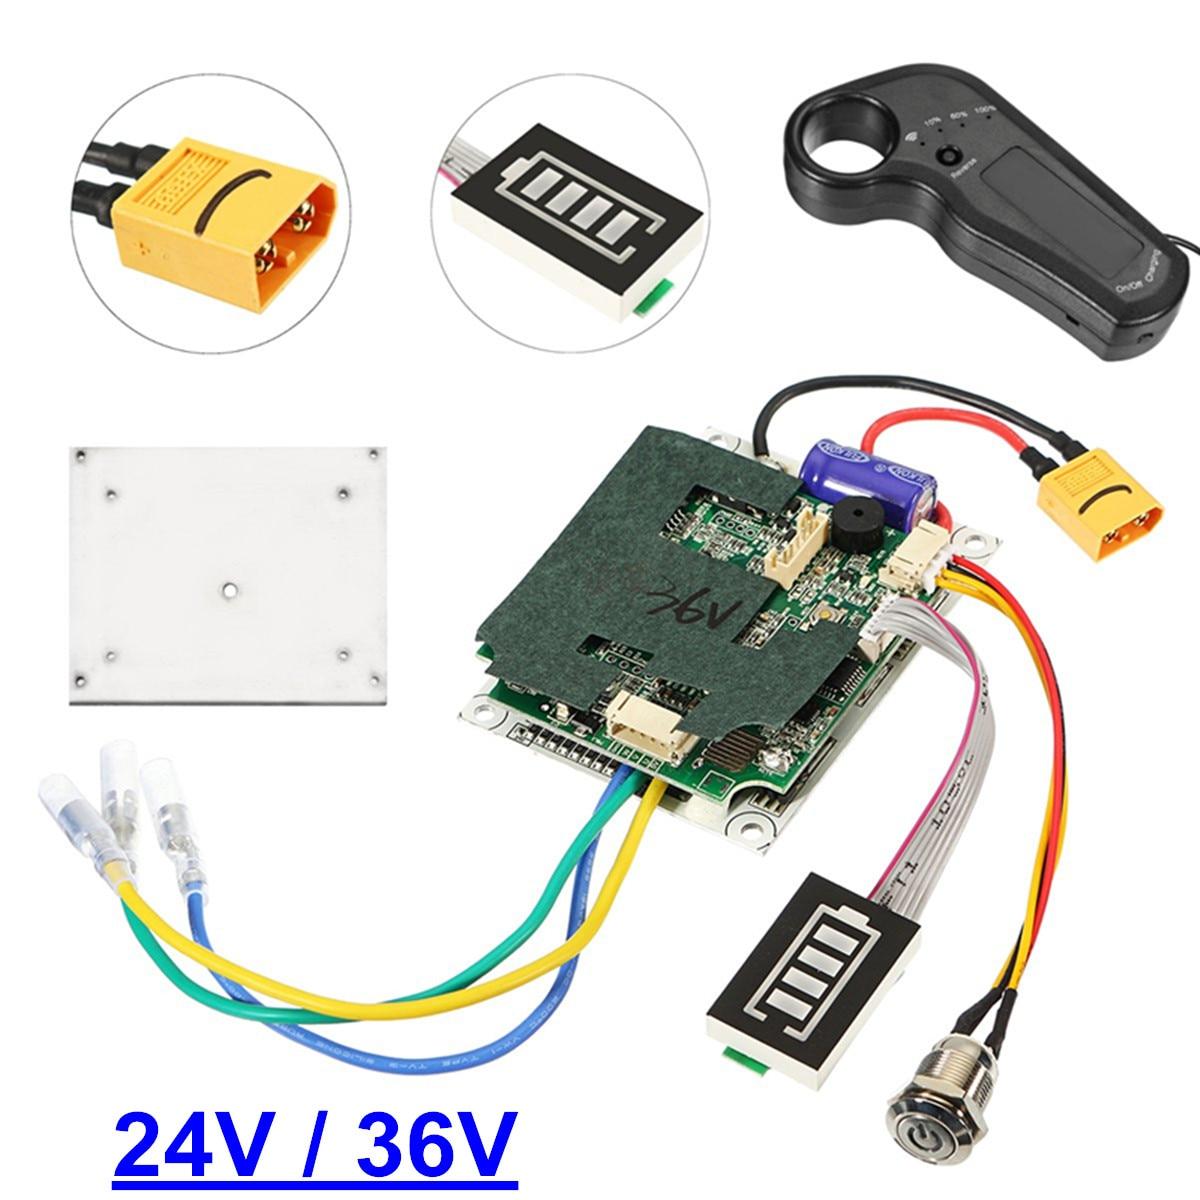 24/36 V solo cinturón Motor monopatín eléctrico controlador de Longboard CES sustituir partes Scooter placa base instrumento herramientas